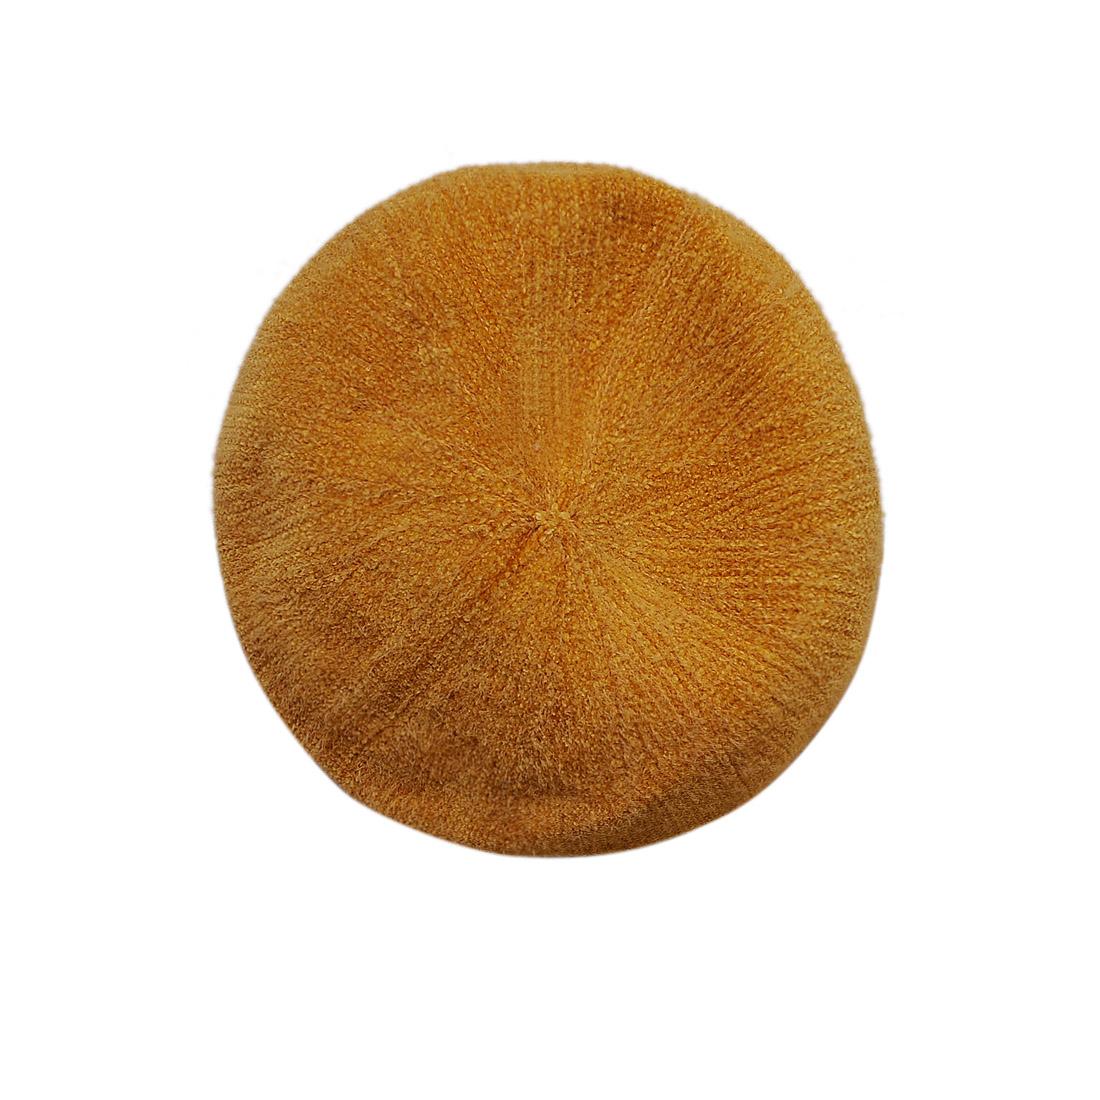 Mũ nồi len thời trang cao cấp màu vàng EH44-3